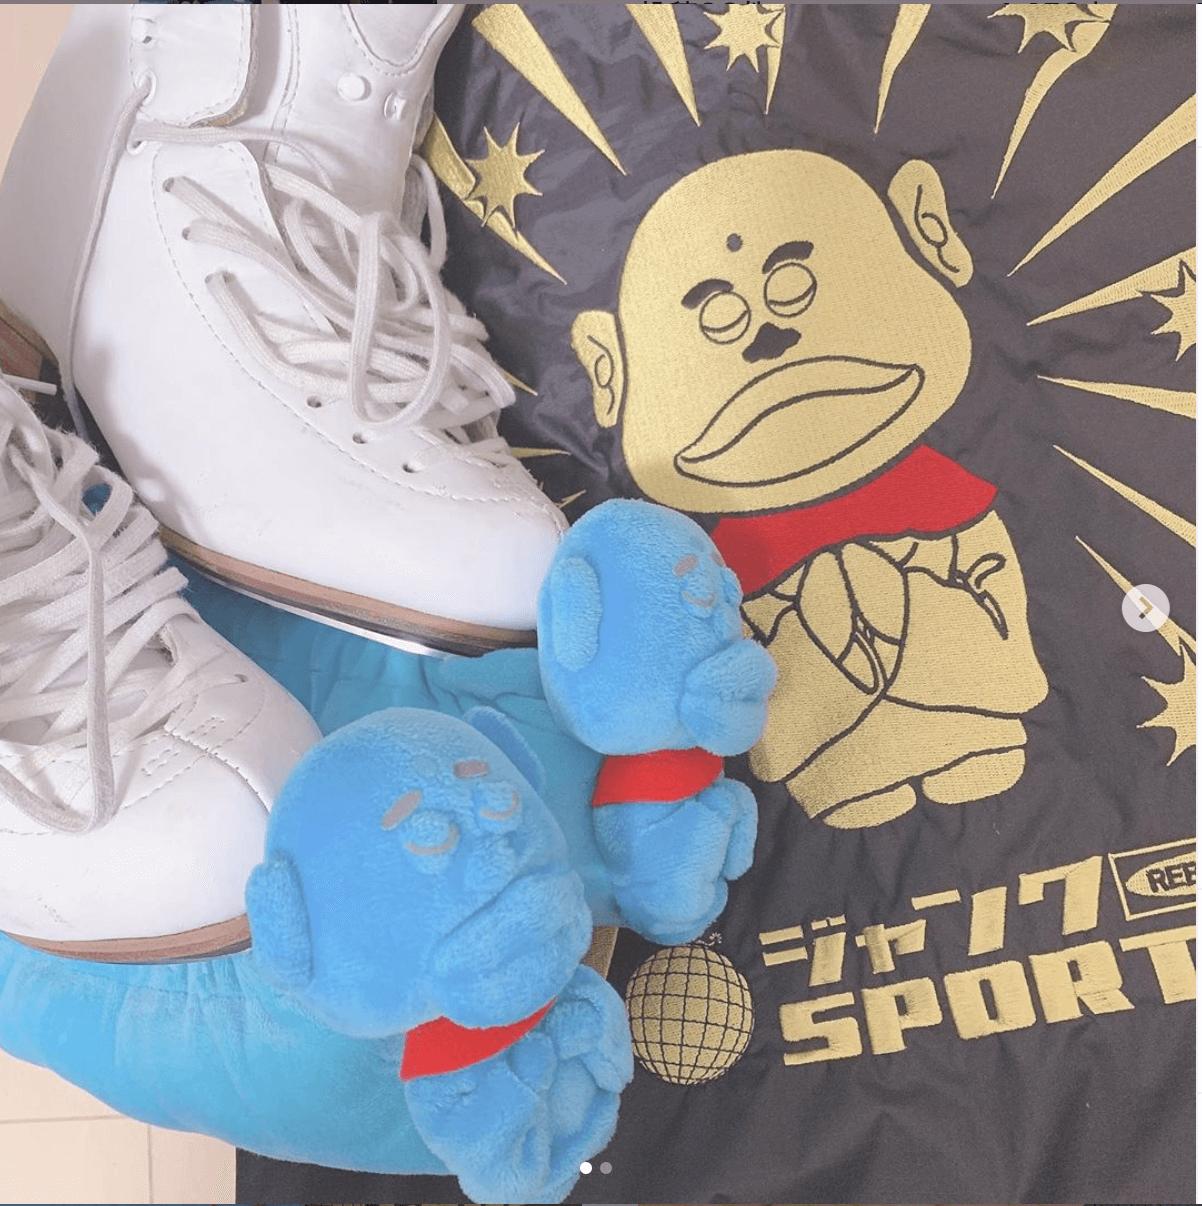 浜ちゃんからスケート靴をプレゼントされた細田采花が3A3Tの映像をインスタに投稿!